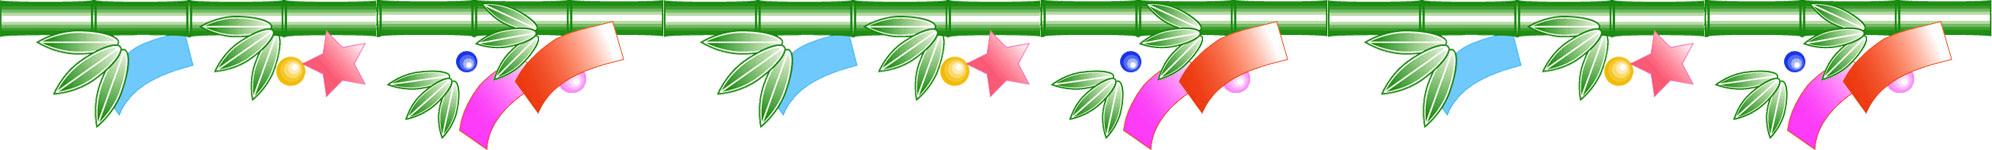 7月のイラストNo.20『横線:七夕・短冊』/無料のフリー素材集【花鳥風月】